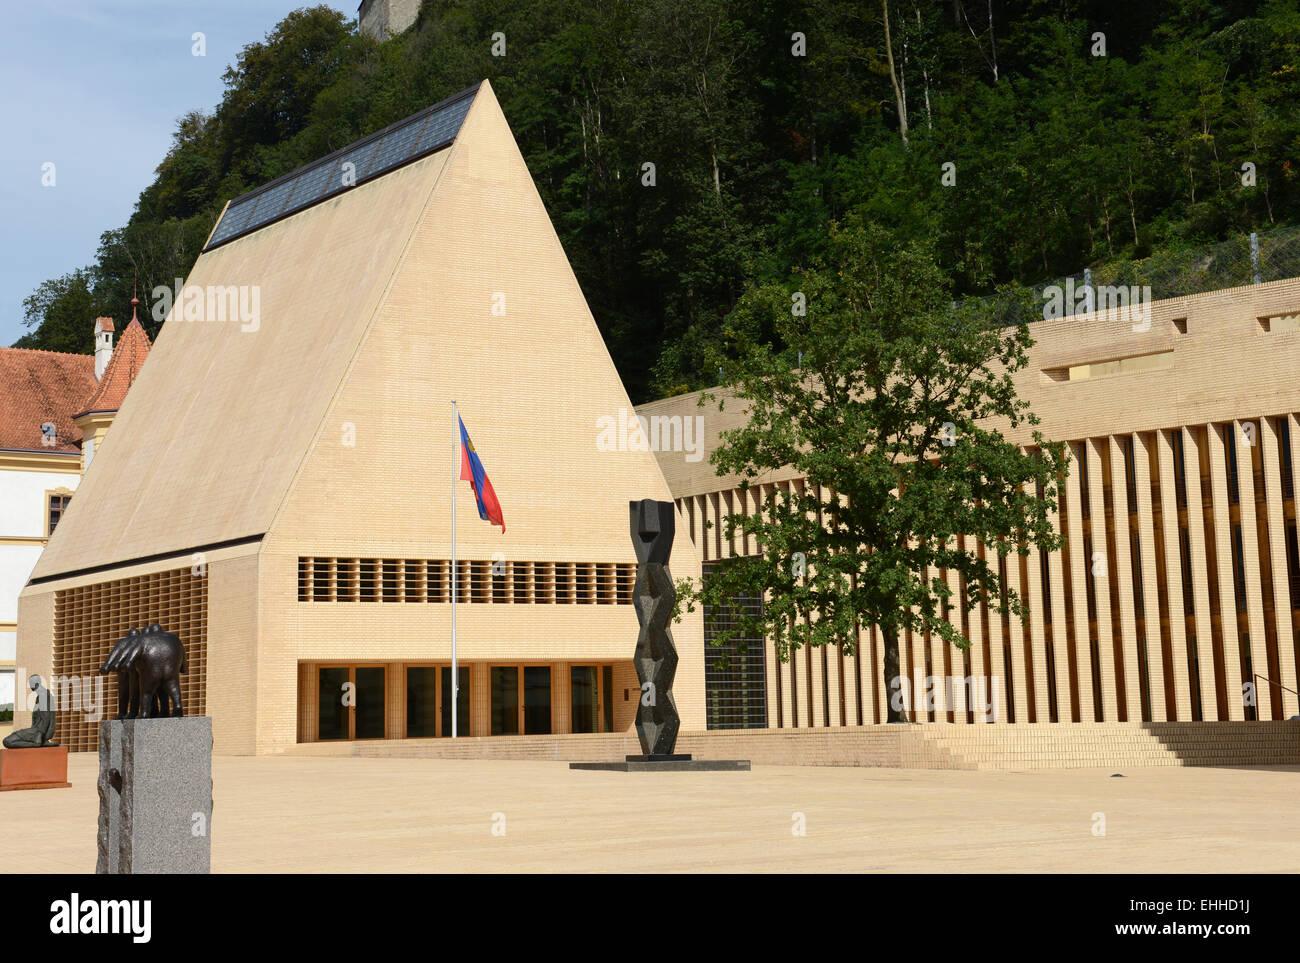 Landtag in Liechtenstein / Parliament of Liechtenstein Stock Photo